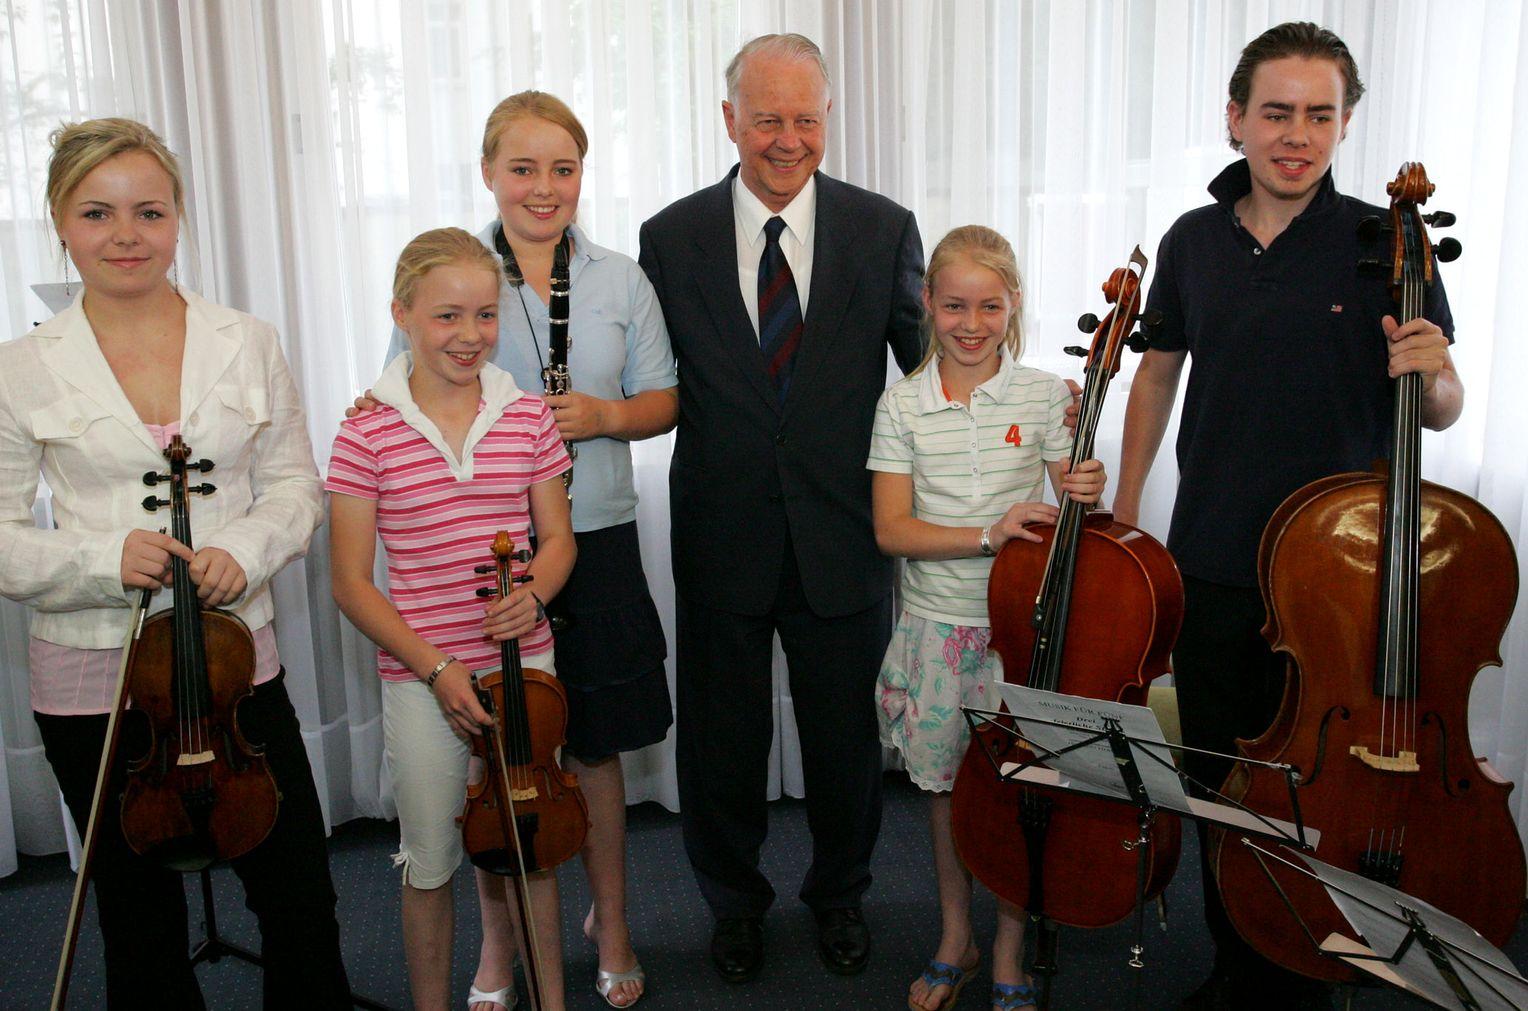 Ernst Albrecht Kinder